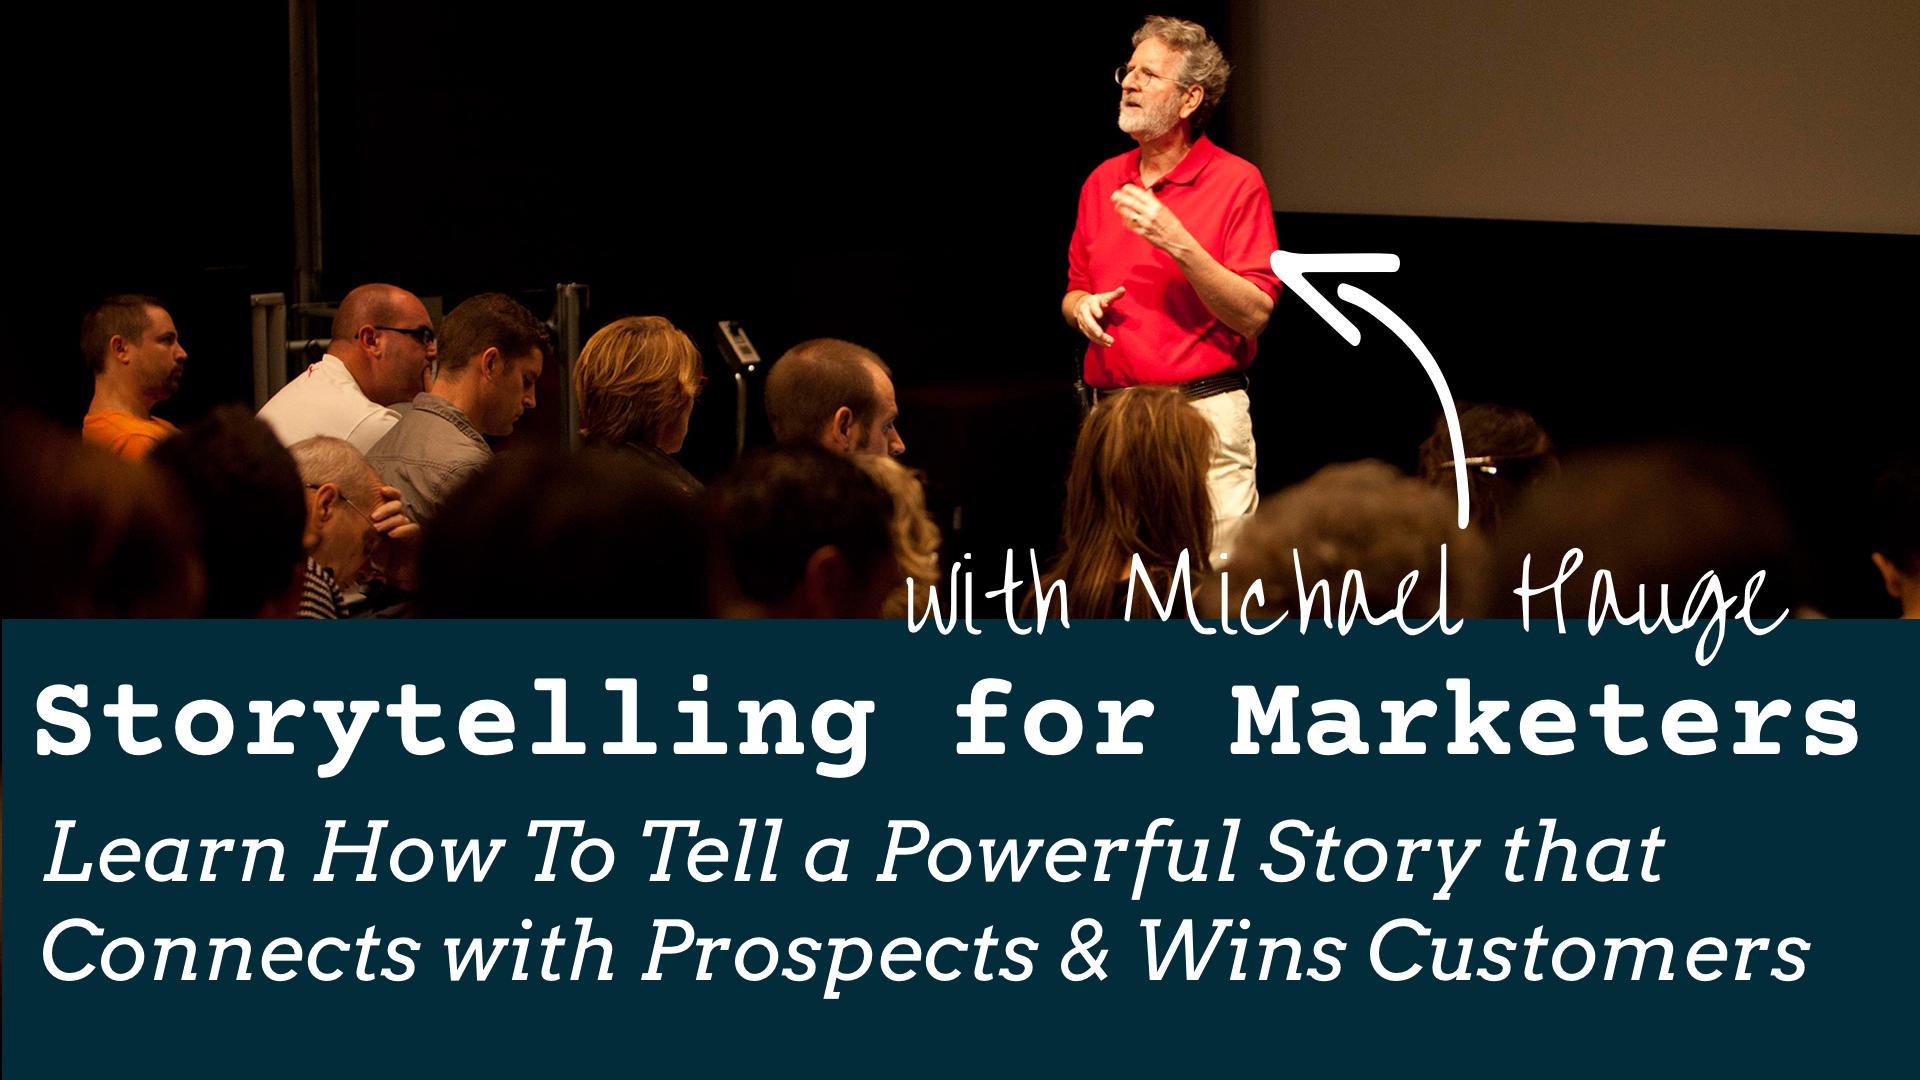 Storytelling for Marketers (SFM)